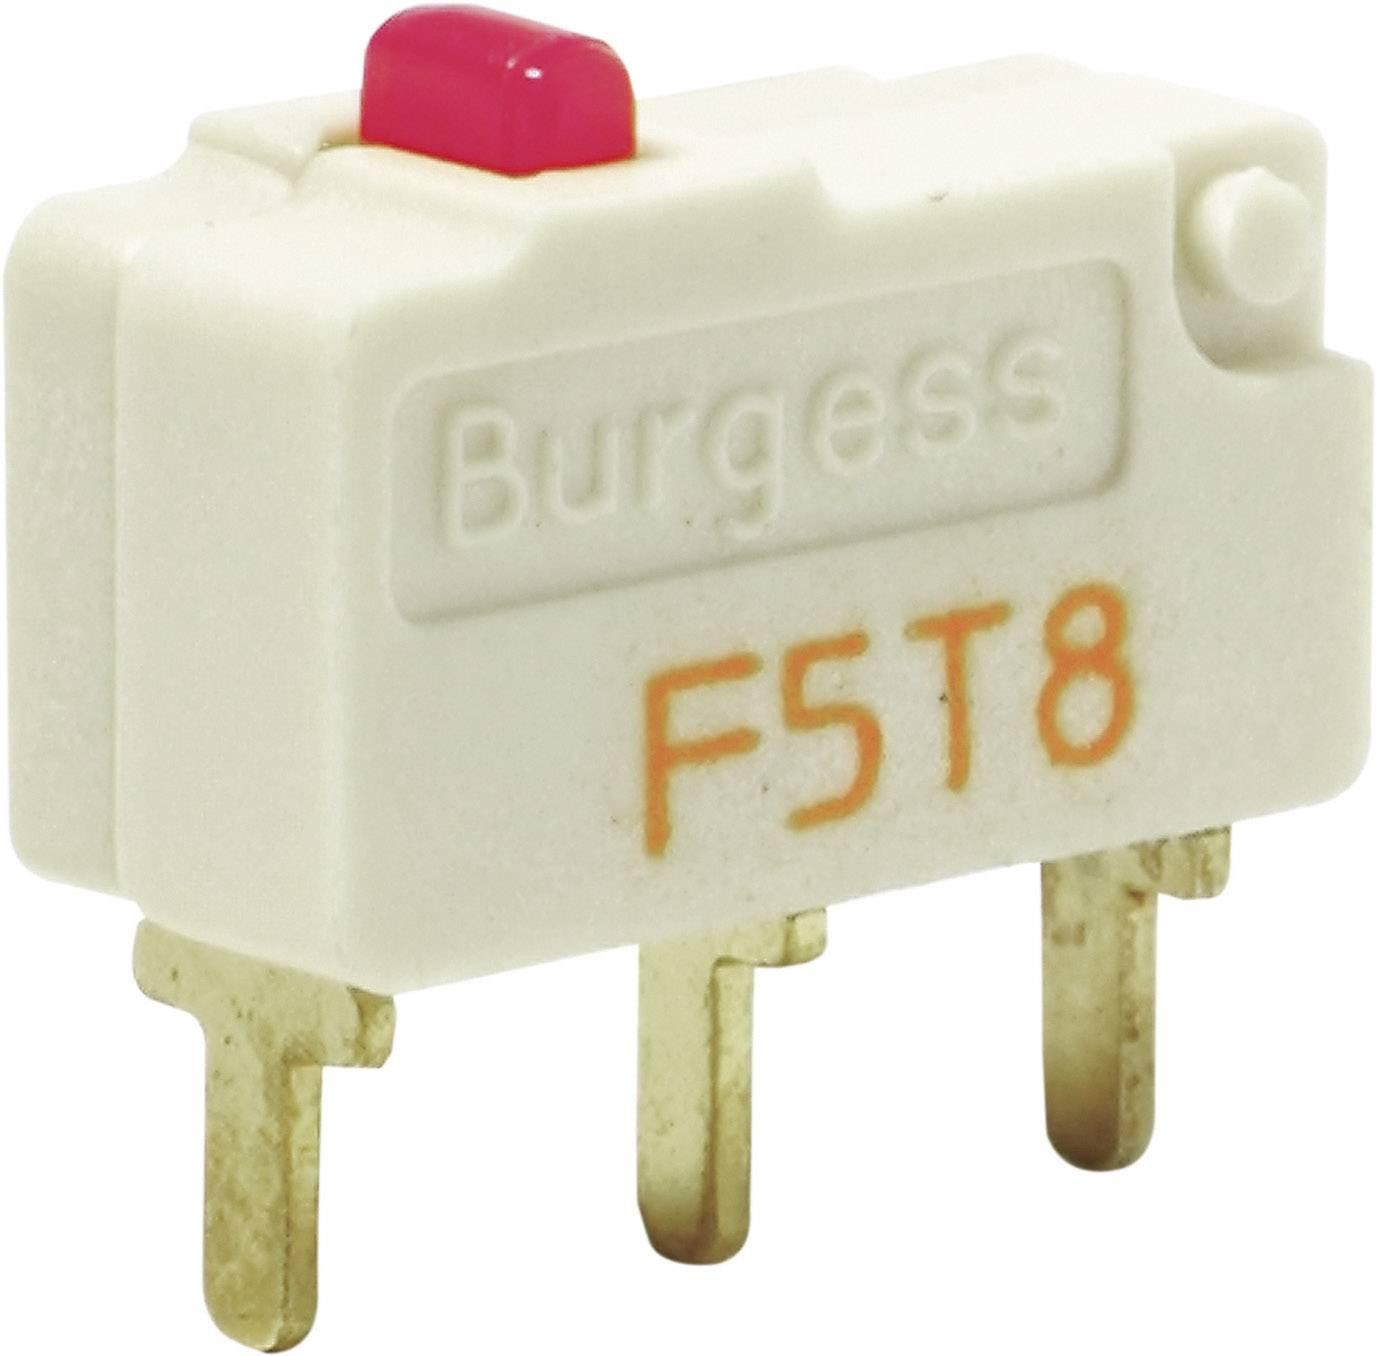 Mikrospínač Burgess série F5 - rolnička